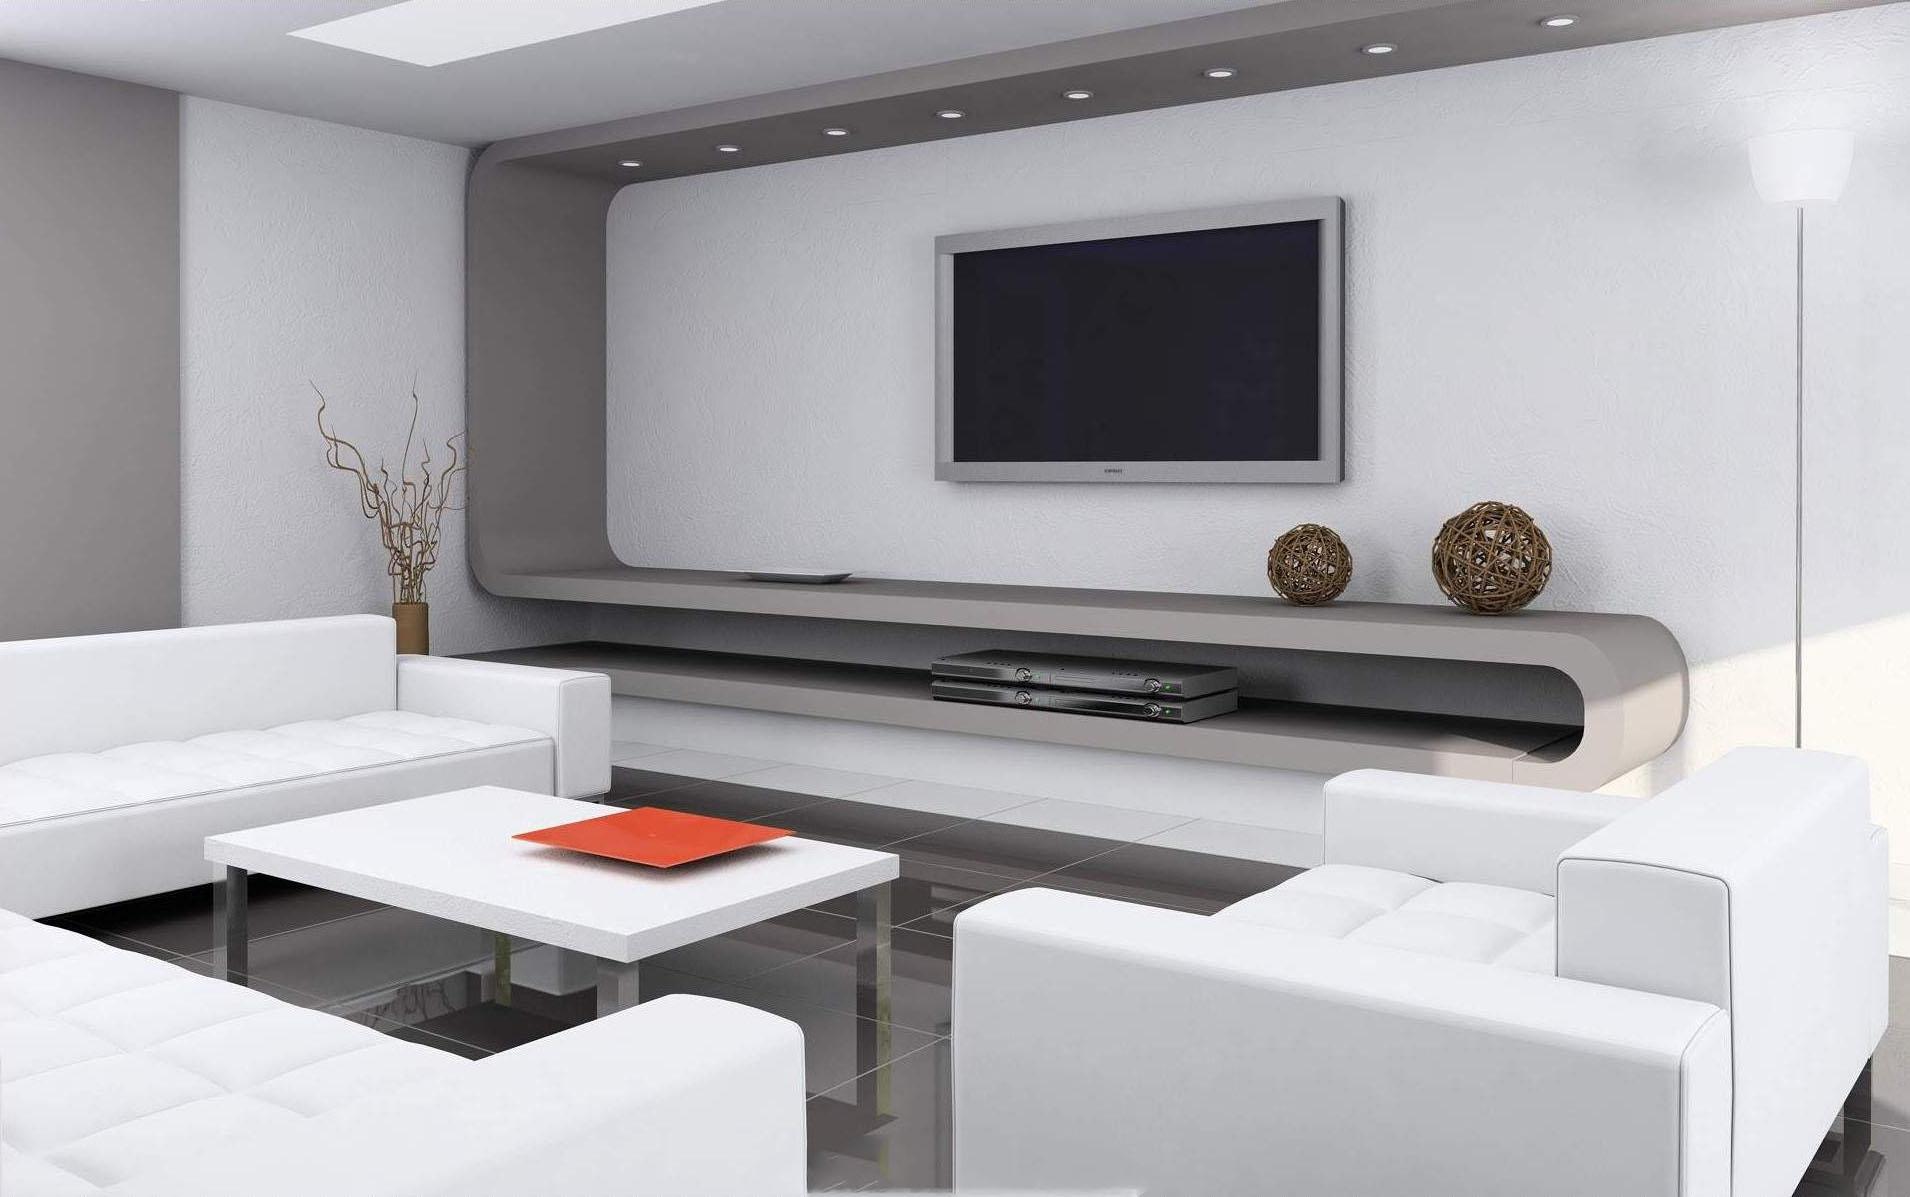 غرف تلفزيون مودرن جديدة | المرسال